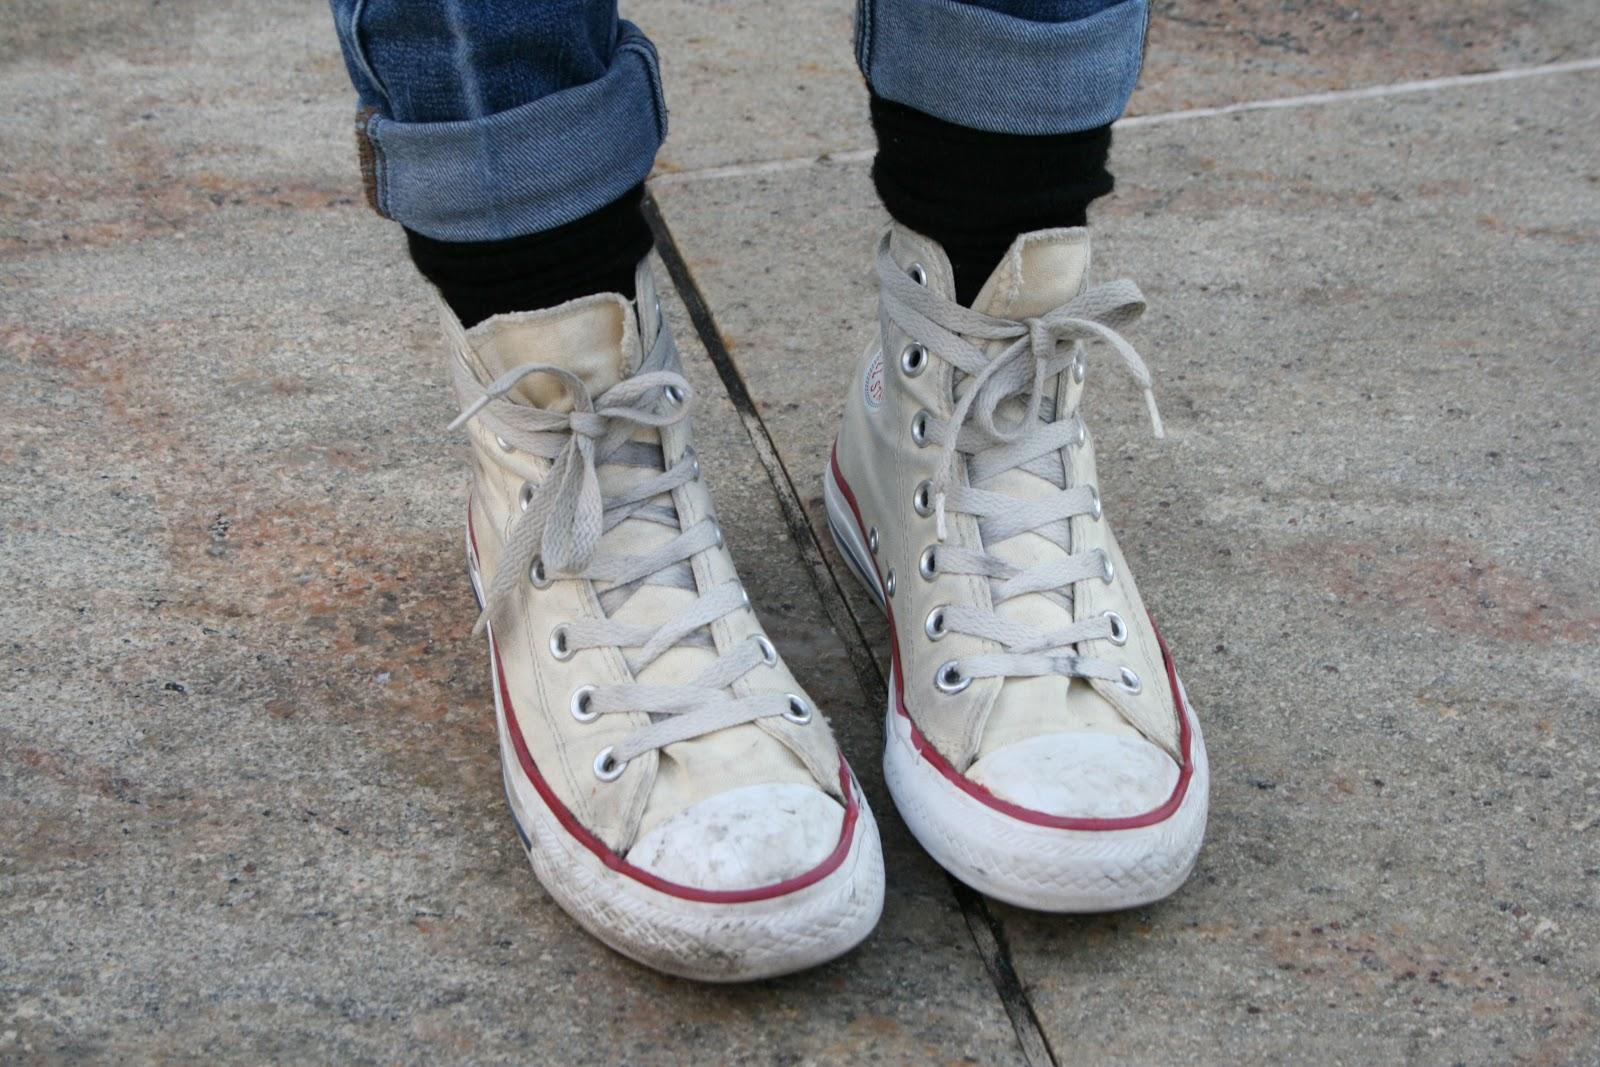 Vans Shoes Shoelaces